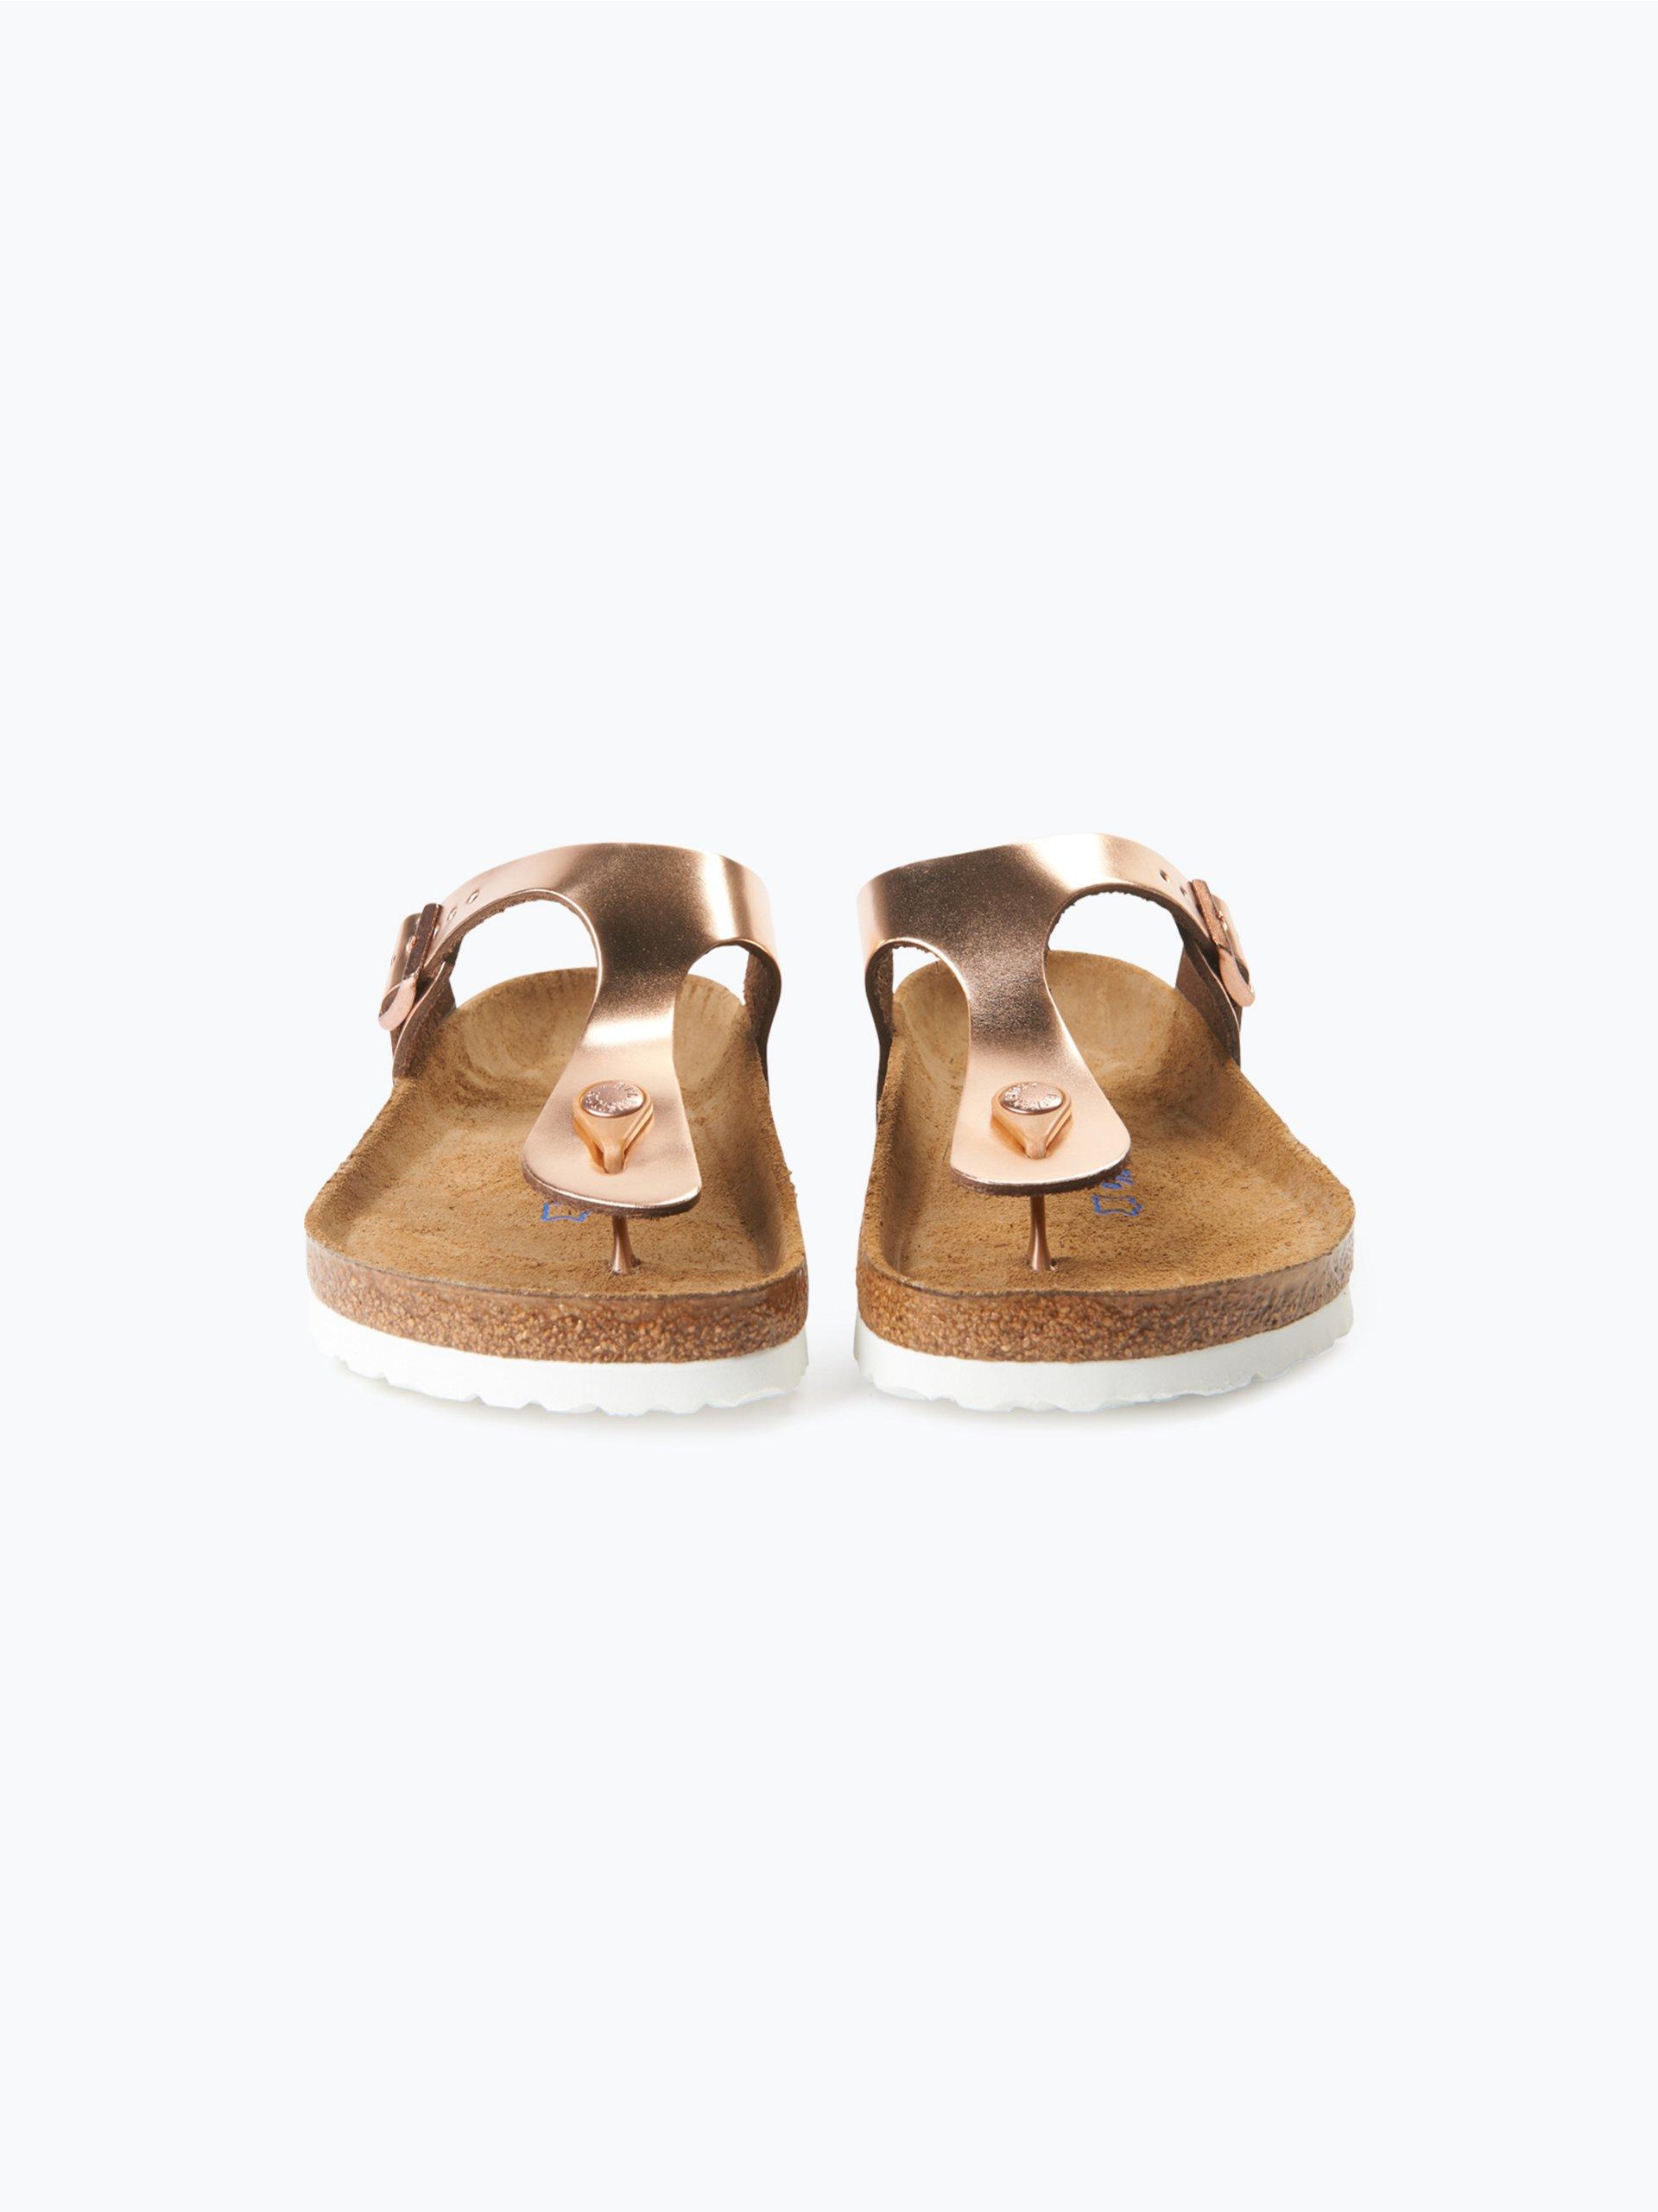 birkenstock damen sandalen aus leder rosenholz uni online. Black Bedroom Furniture Sets. Home Design Ideas